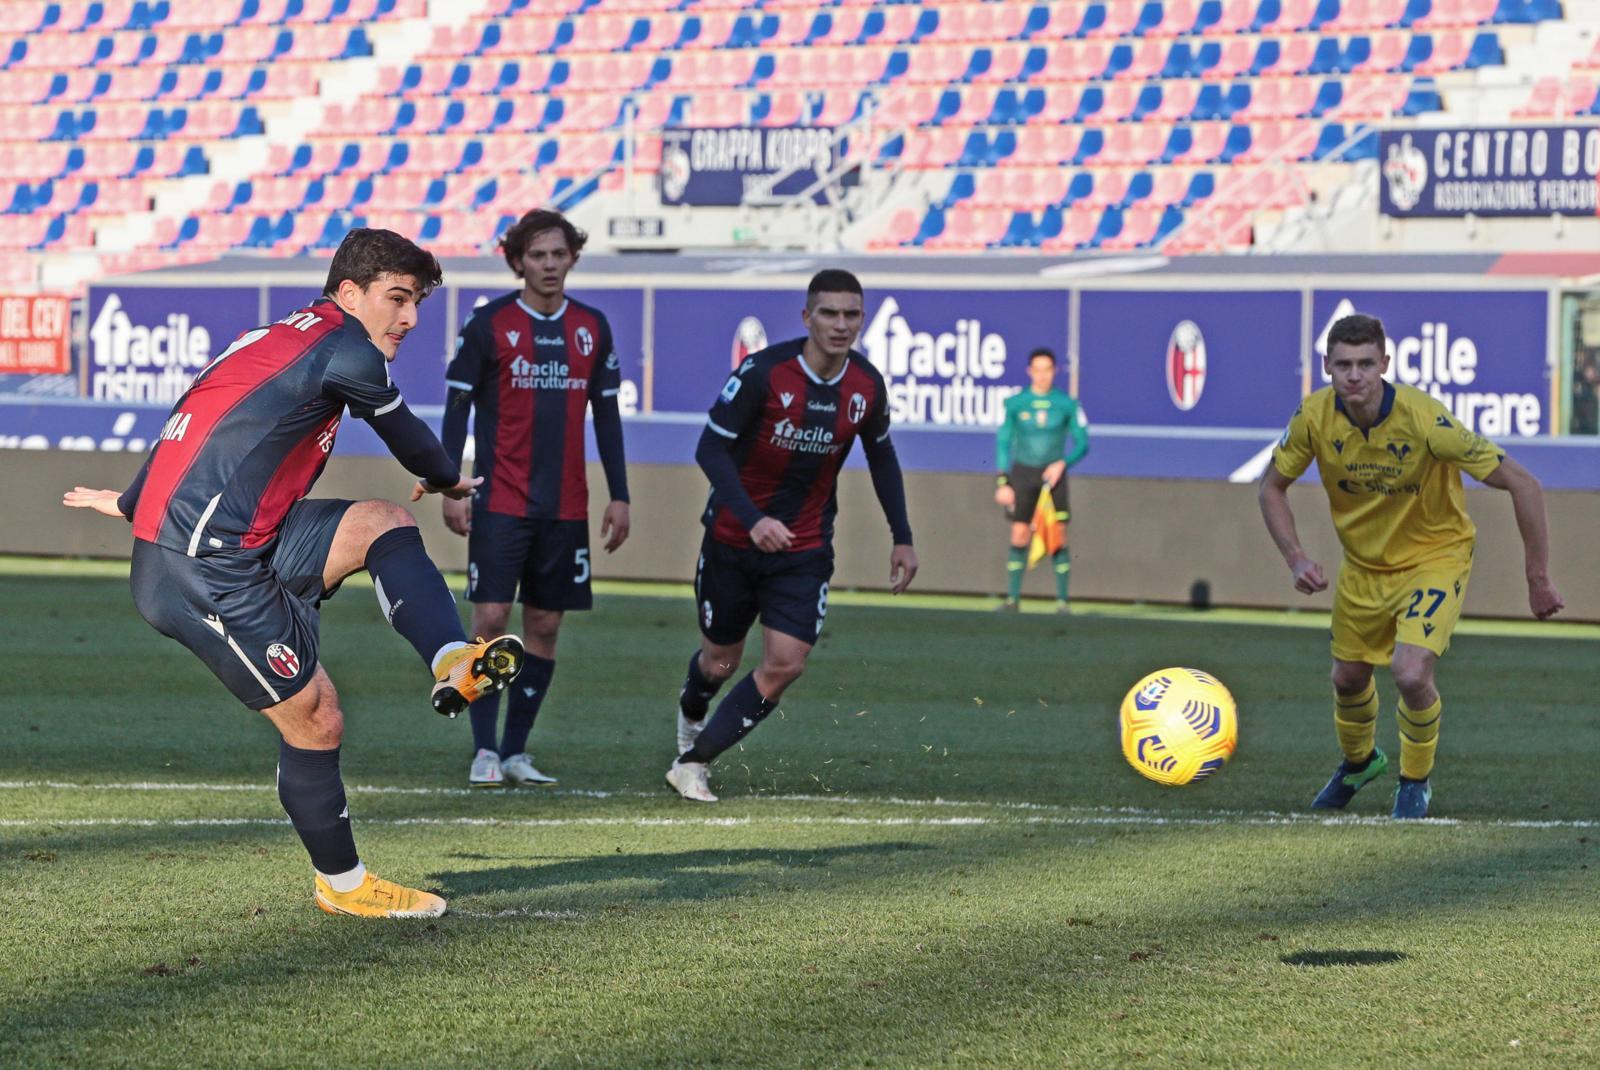 Bologna-Verona 1-0: Orsolini riporta Mihajlovic alla vittoria